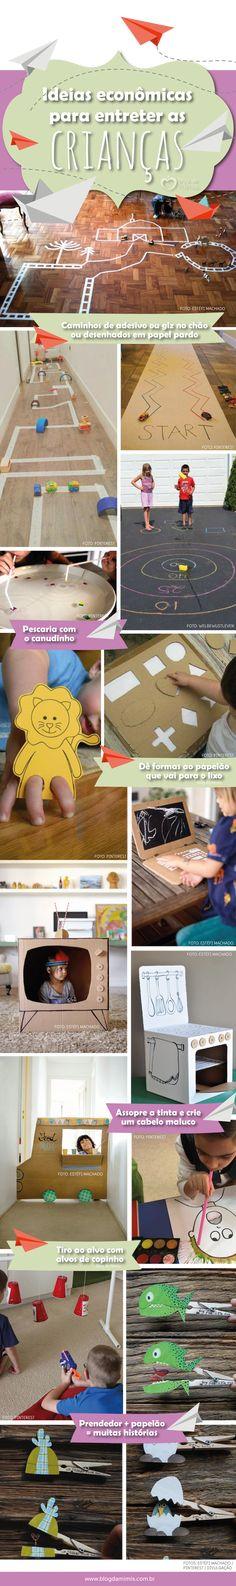 Ideias econômicas para entreter as crianças - Blog da Mimis